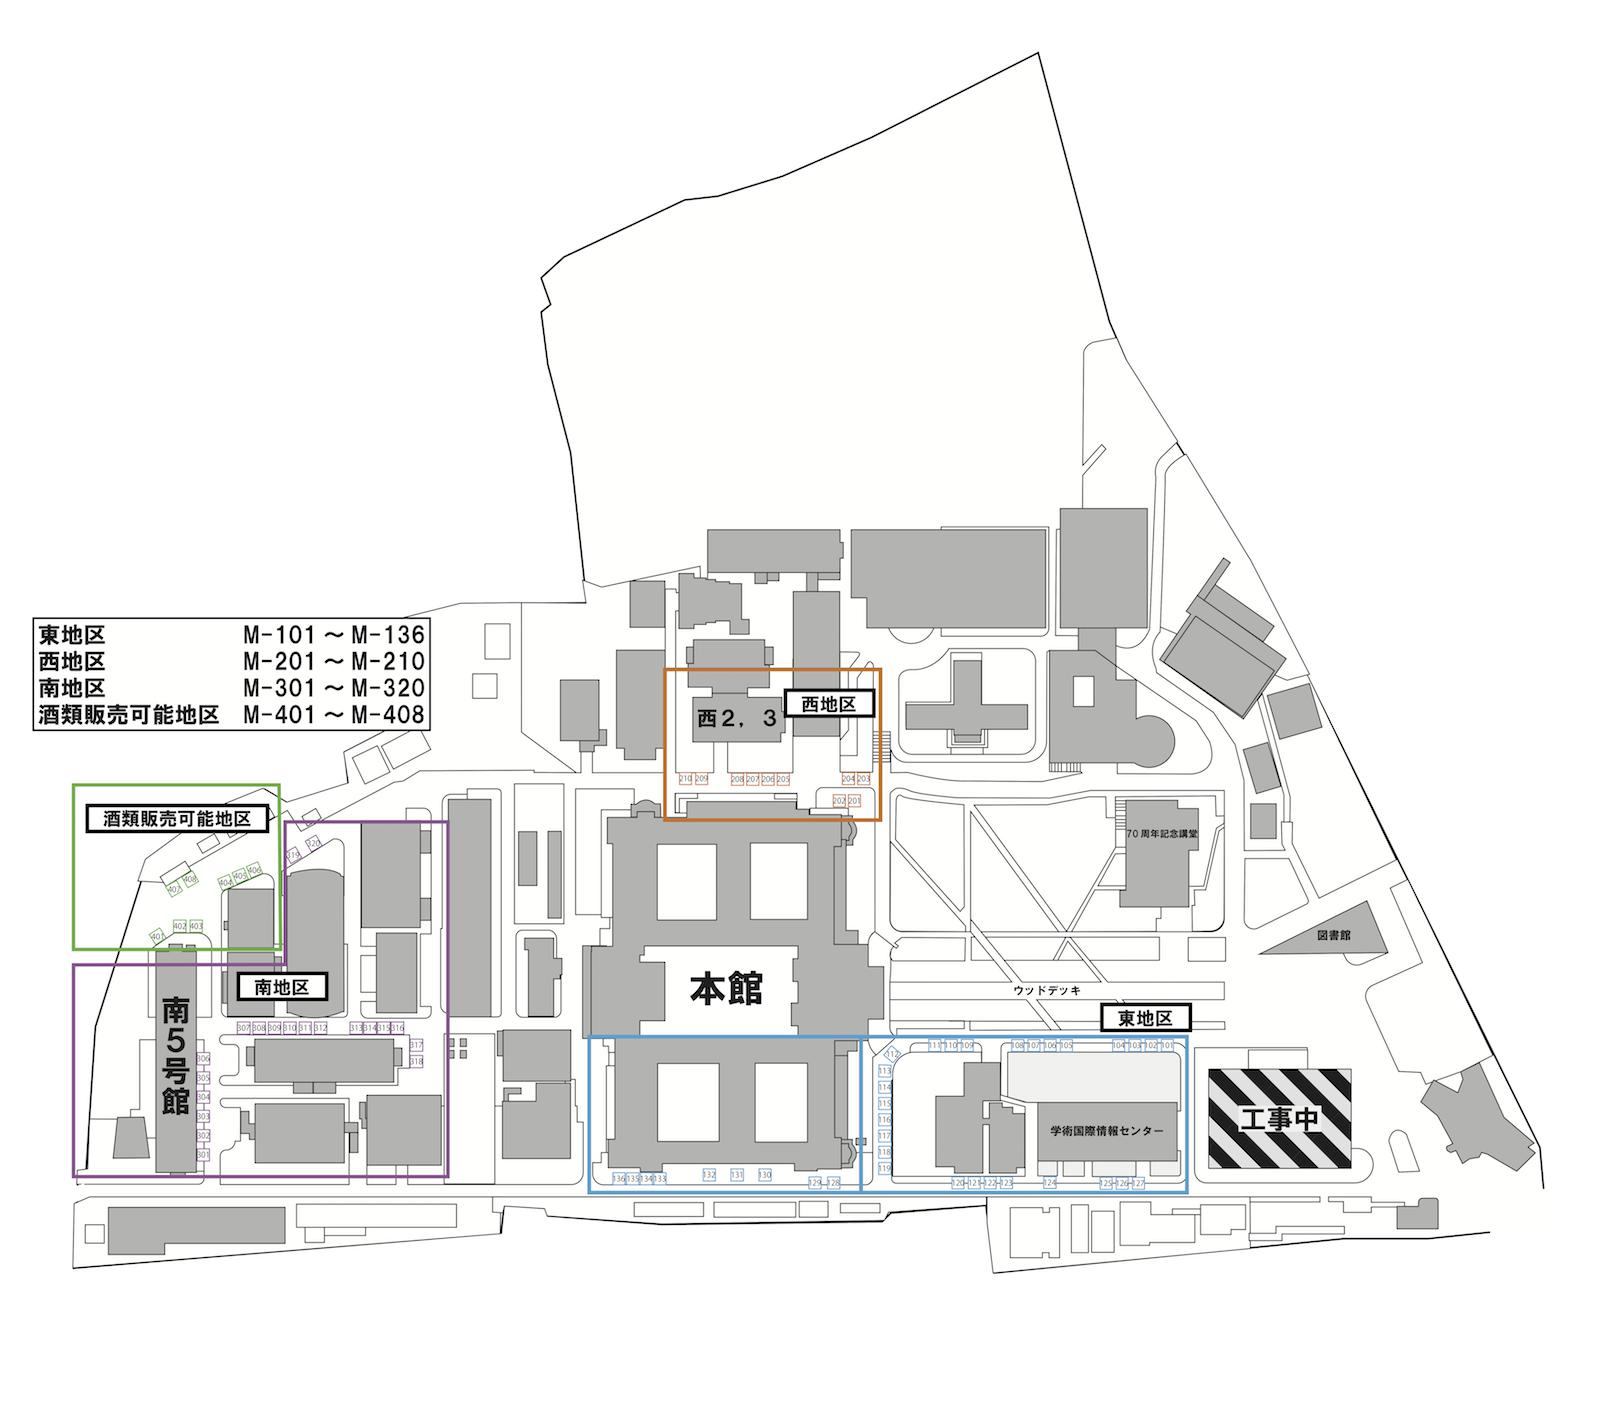 模擬店配置図